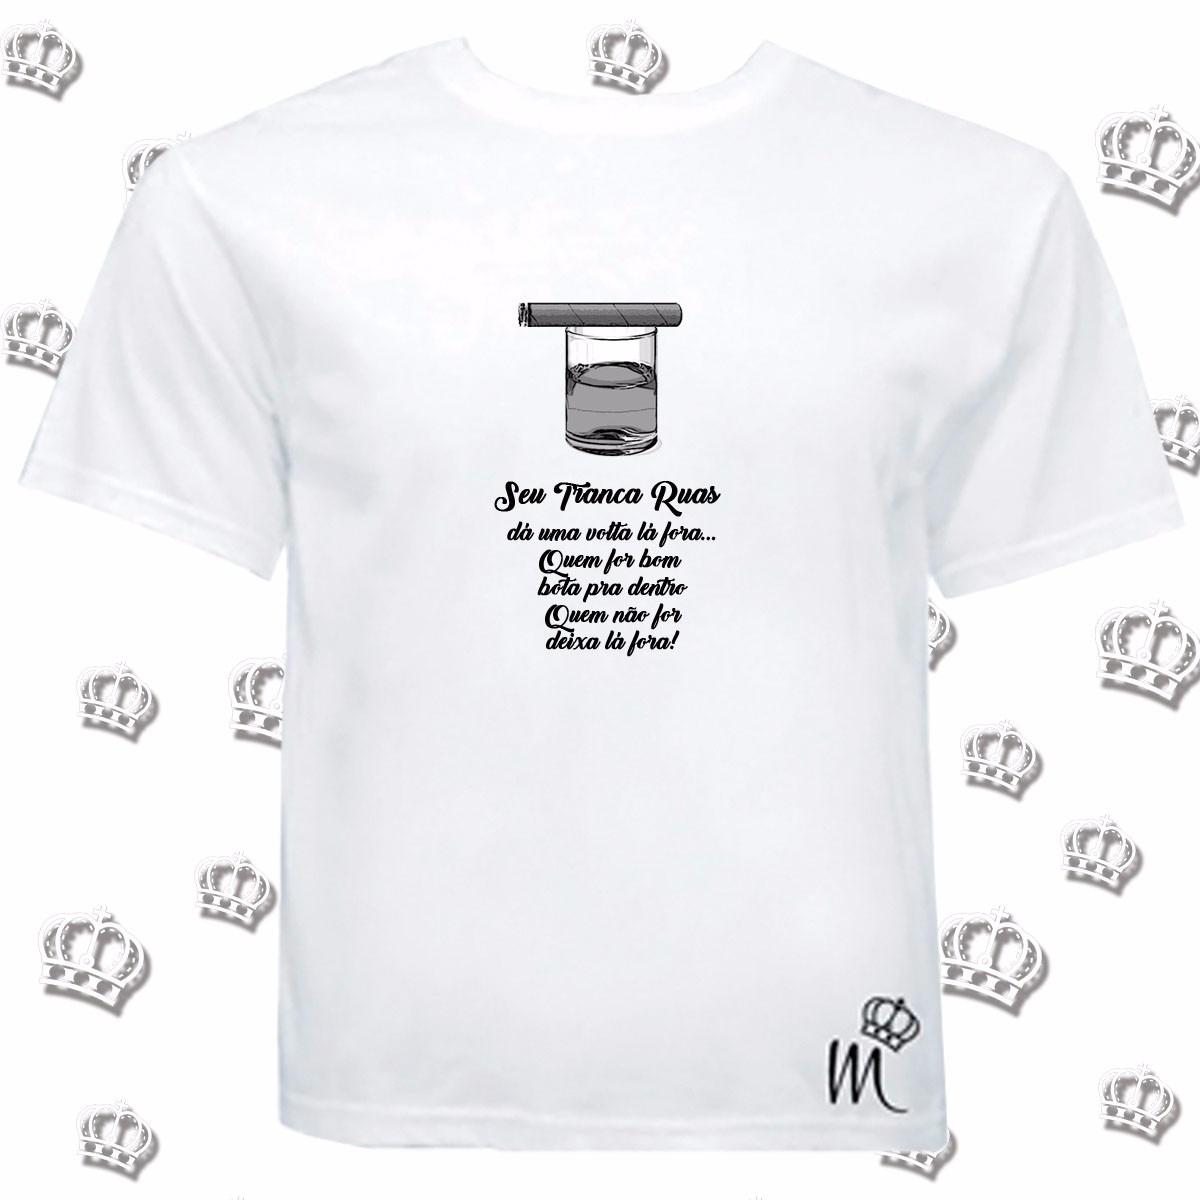 Camiseta Exú Tranca Ruas Frase Umbanda Candomblé